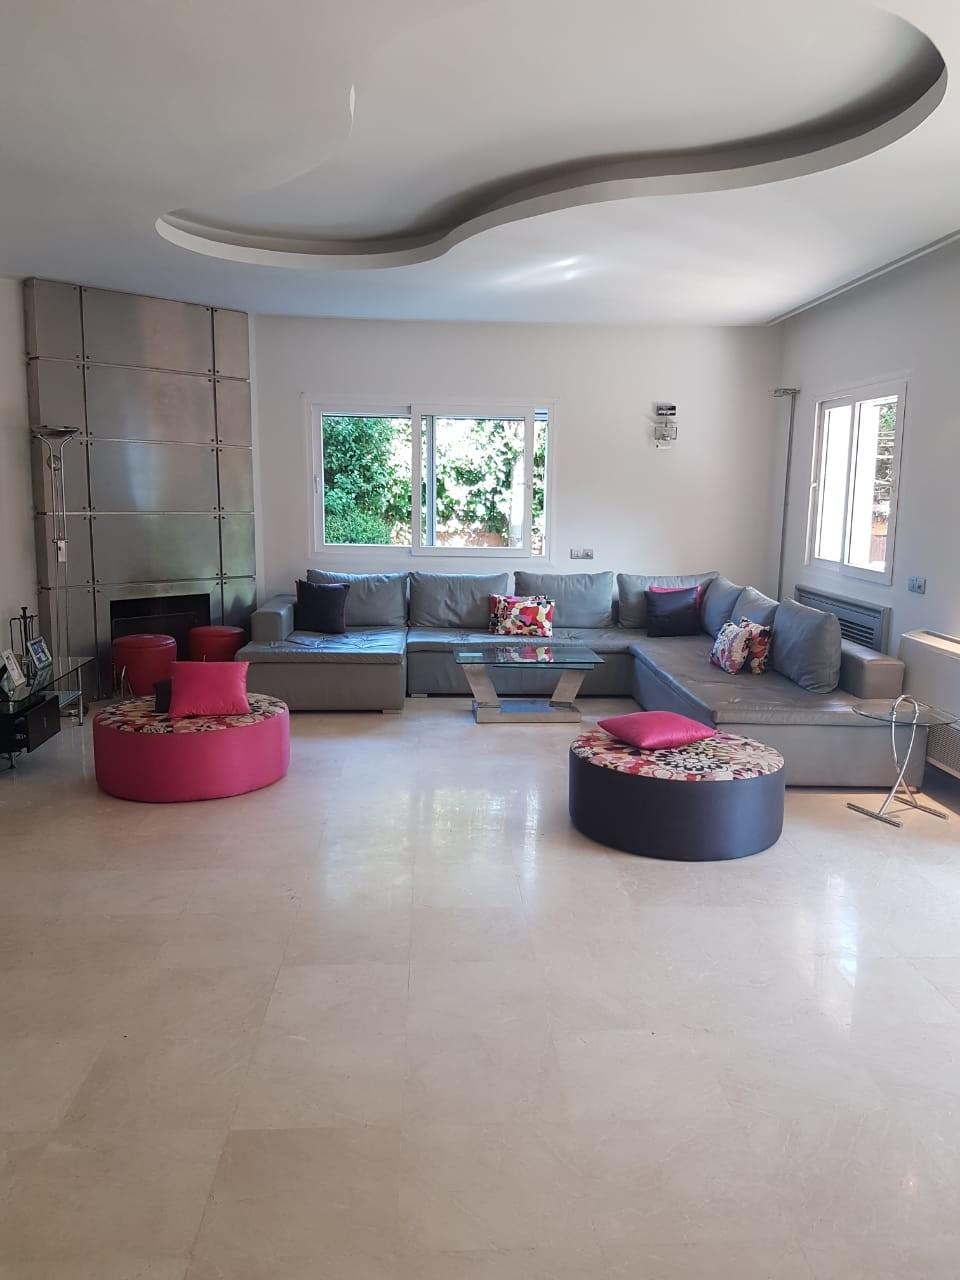 Vente <strong>Villa</strong> Casablanca Ain Diab <strong>390 m2</strong>